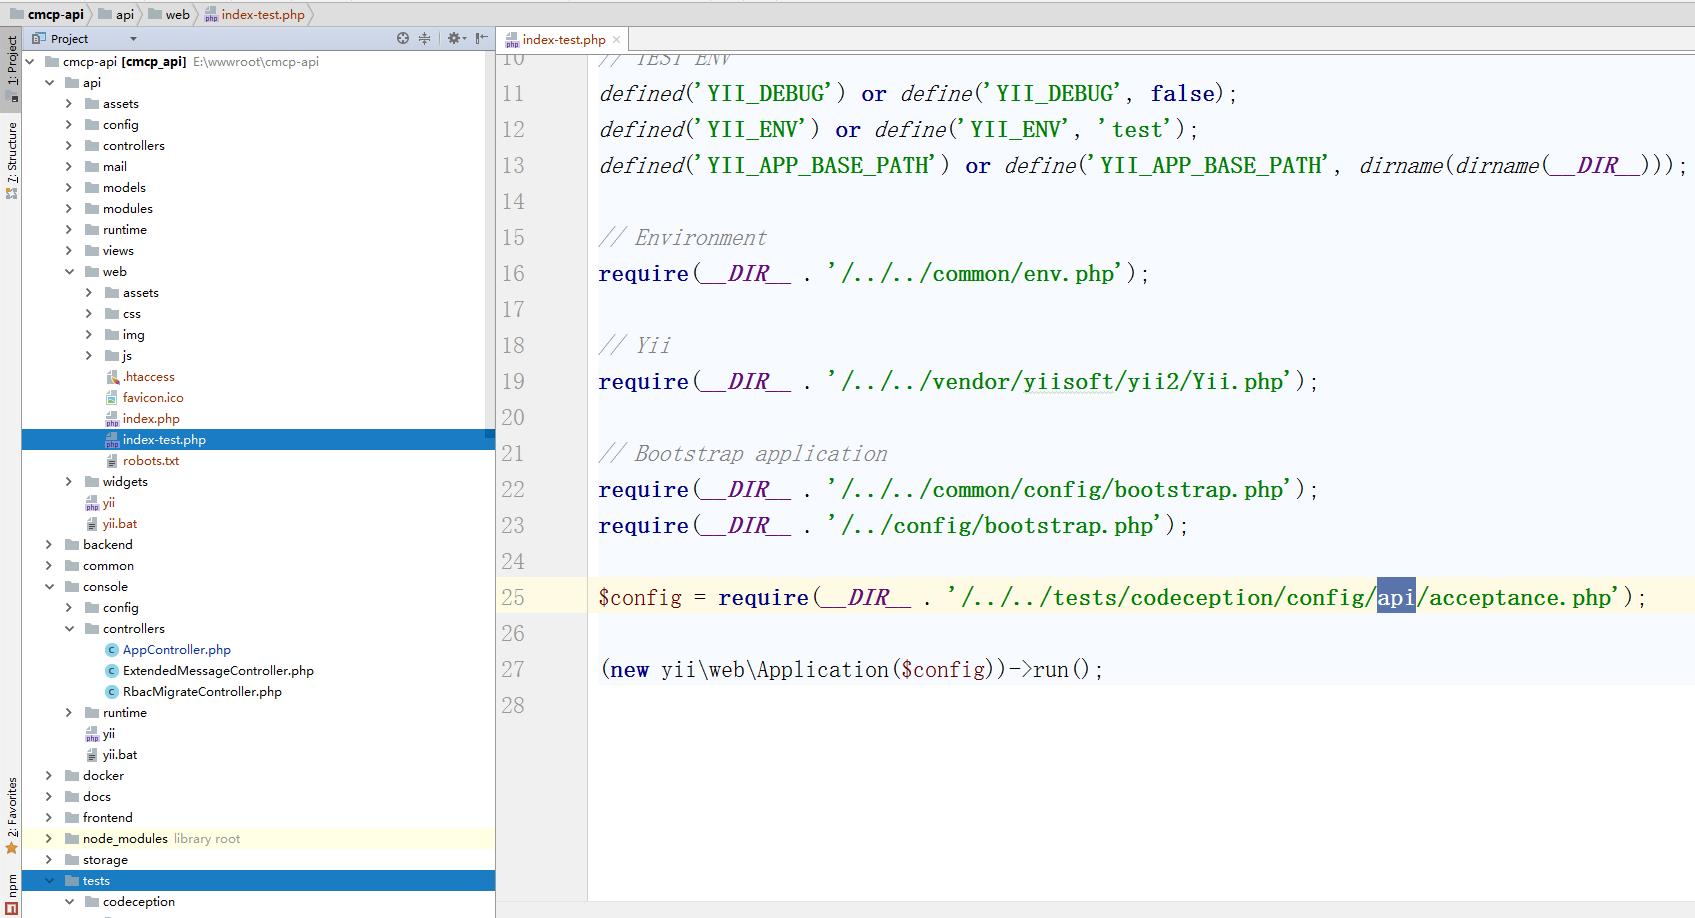 在 \tests 目录中,还有相应的与新增接口应用相关的配置,此部分暂缓一下,到需要进行自动化测试的时候,再来进行配置了。查看 \api\web\index-test.php